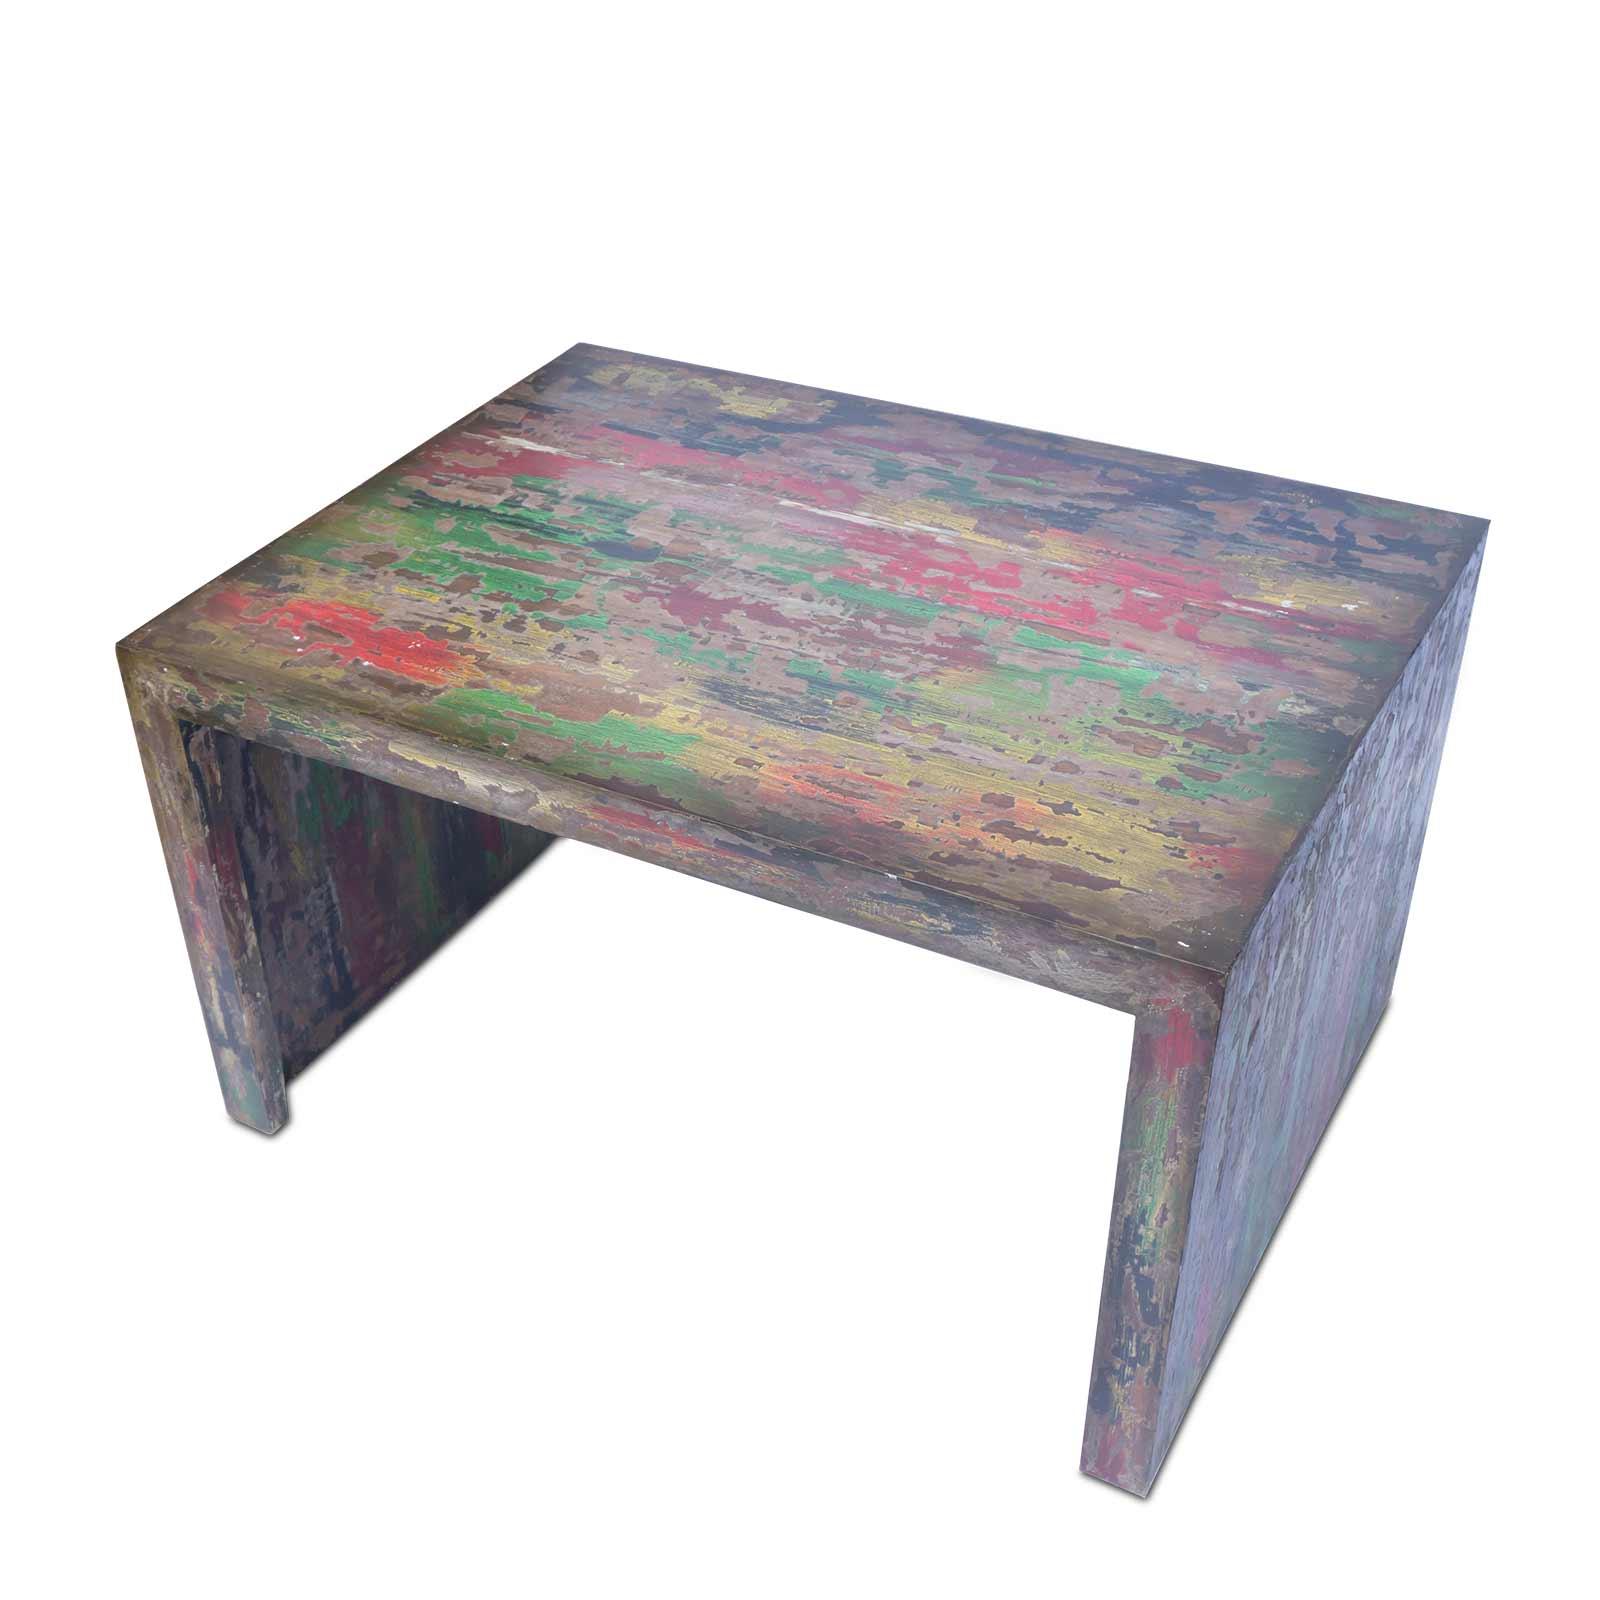 Couchtisch 80cm x 60cm x 45cm Wohnzimmer Holztisch Holzmöbel Vintage Holz bunt